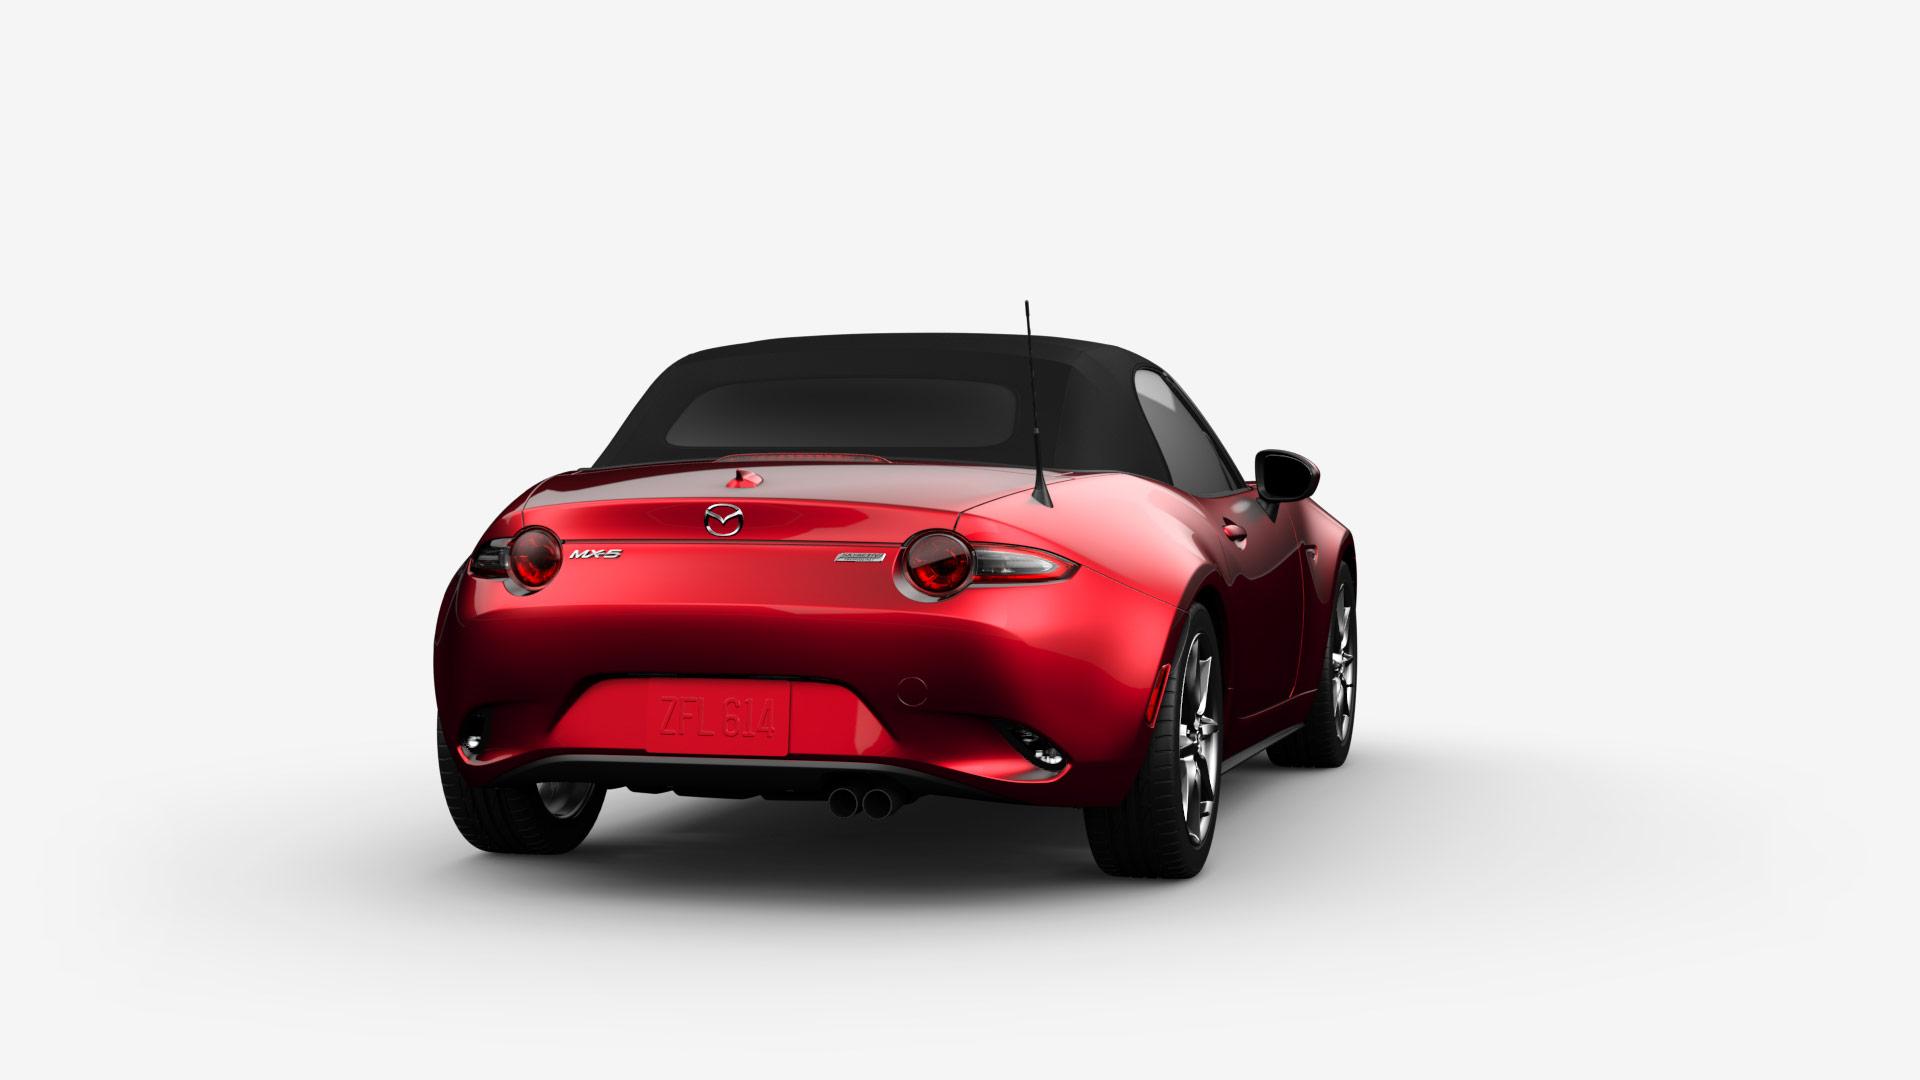 d676071f6c8 2018 Mazda MX-5 Miata Convertible Roadster | Mazda USA